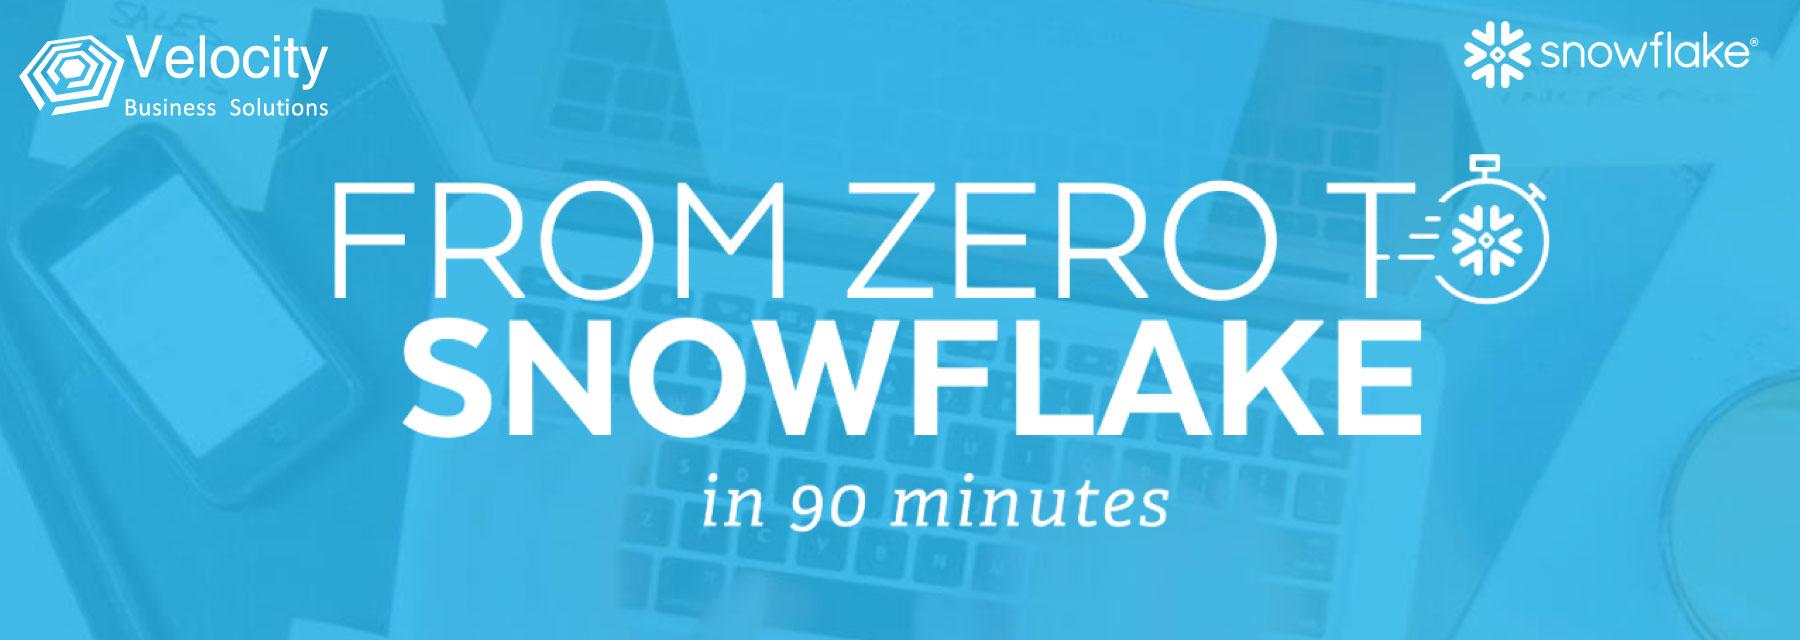 Zero-to-Snowflake-Banner